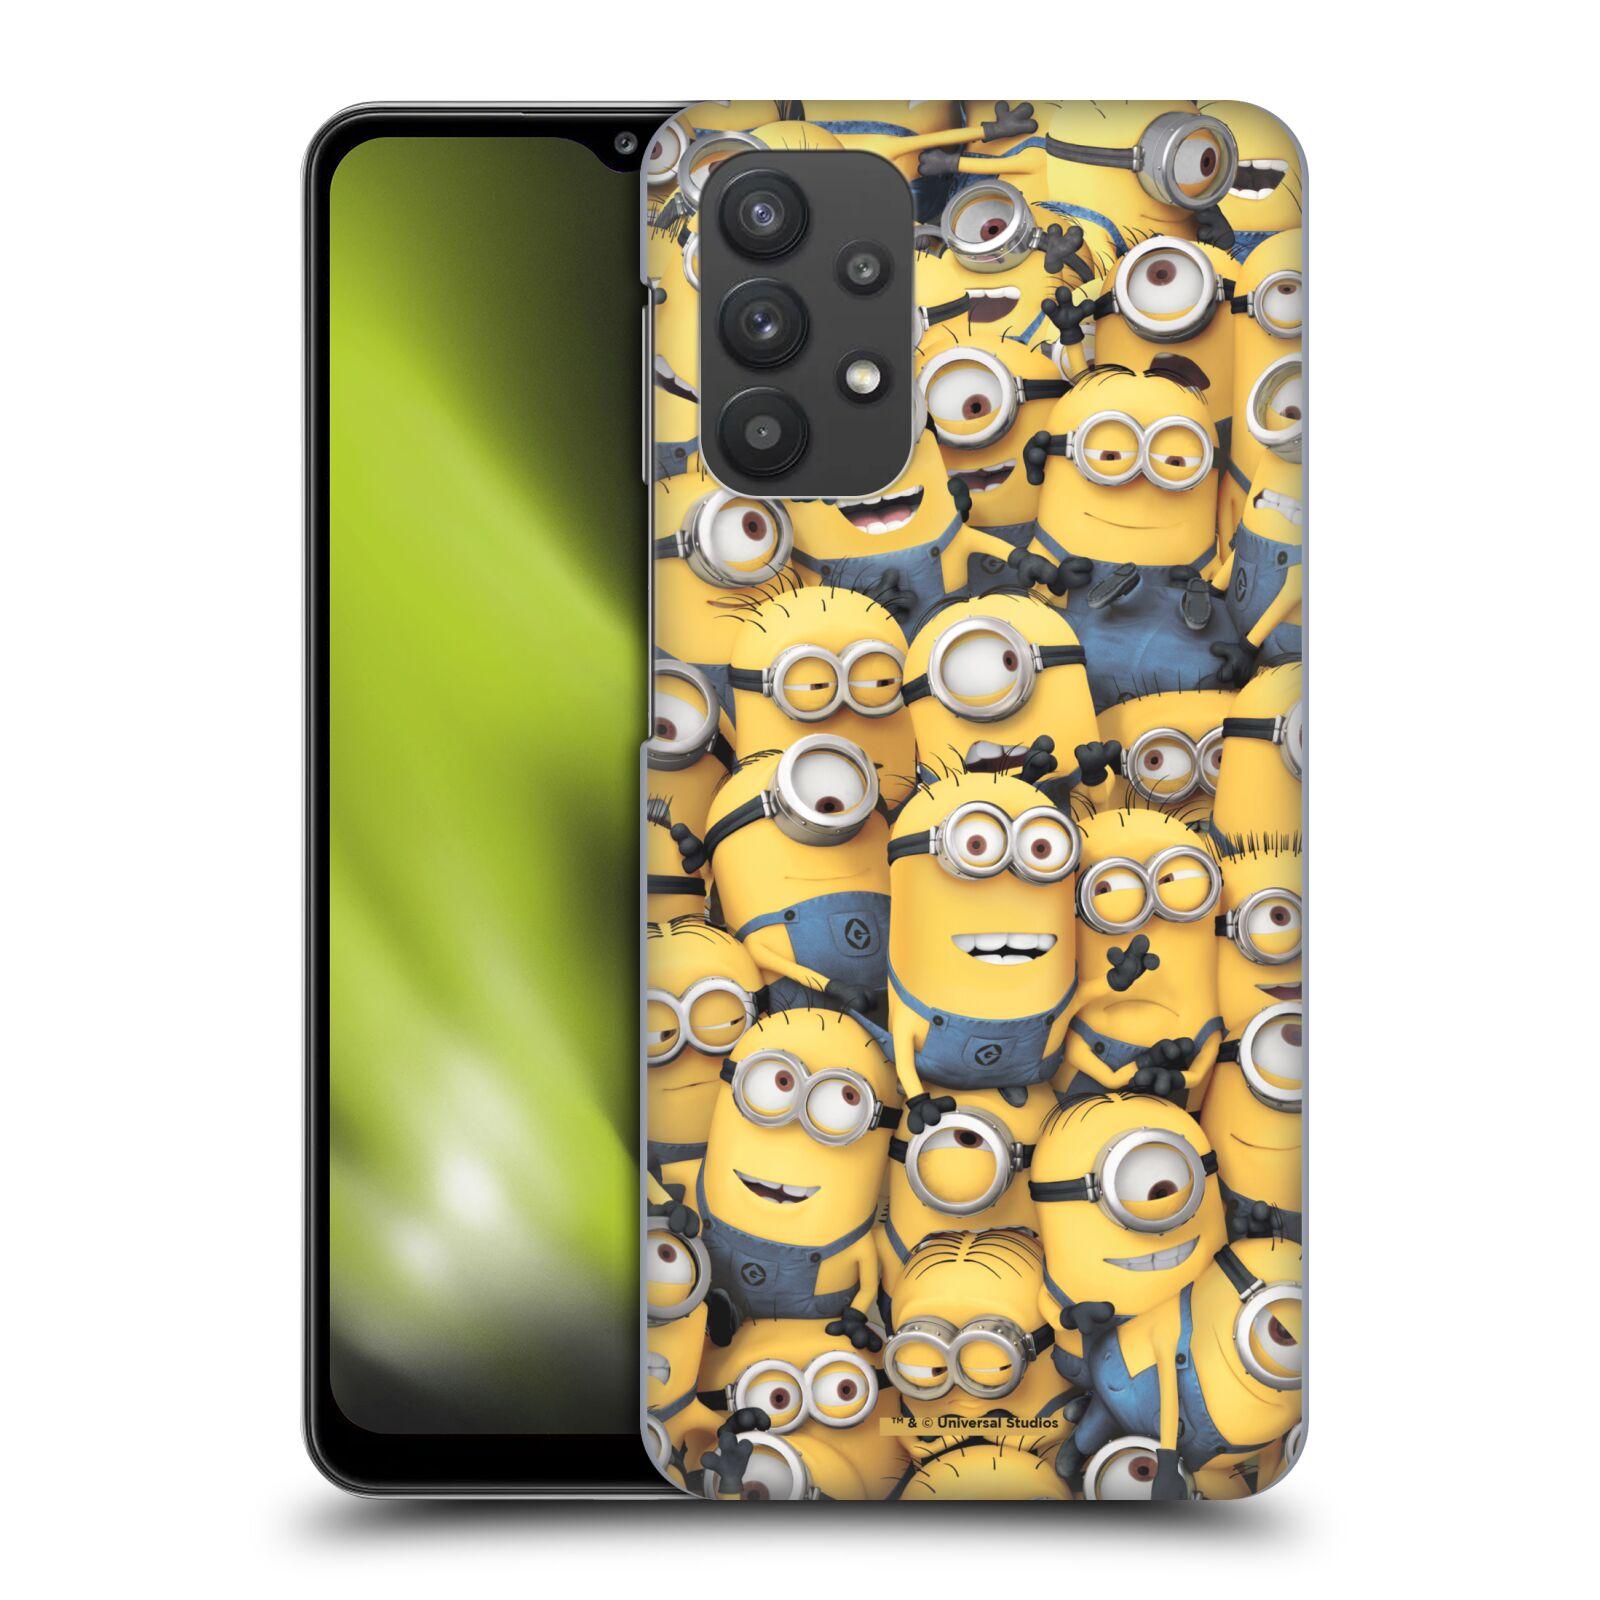 Plastové pouzdro na mobil Samsung Galaxy A32 5G - Head Case - Mimoni všude z filmu Já, padouch - Despicable Me